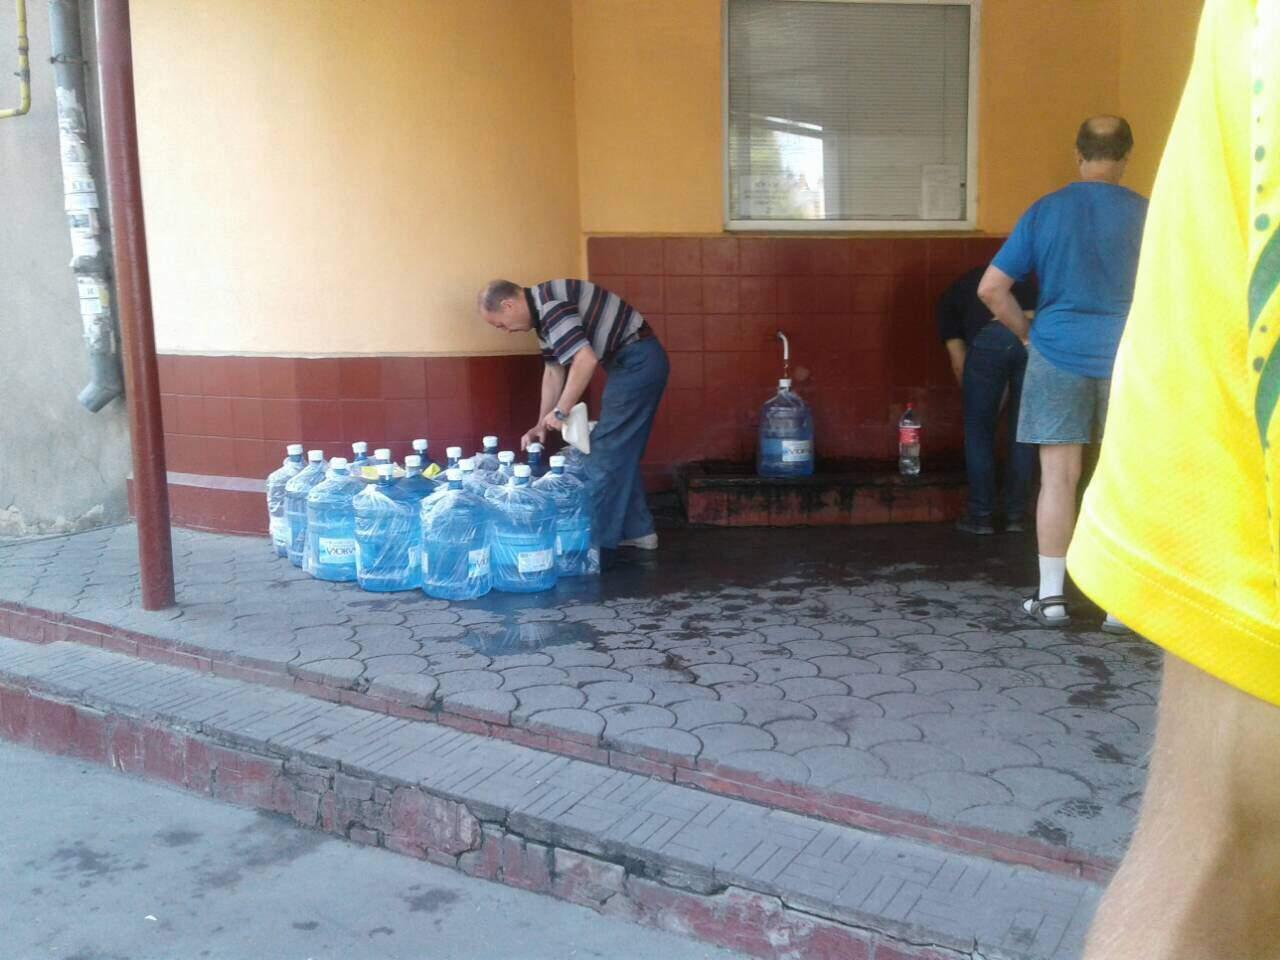 Фотофакт: в Одессе фирма по доставке воды набирает воду в уличных бюветах (фото)